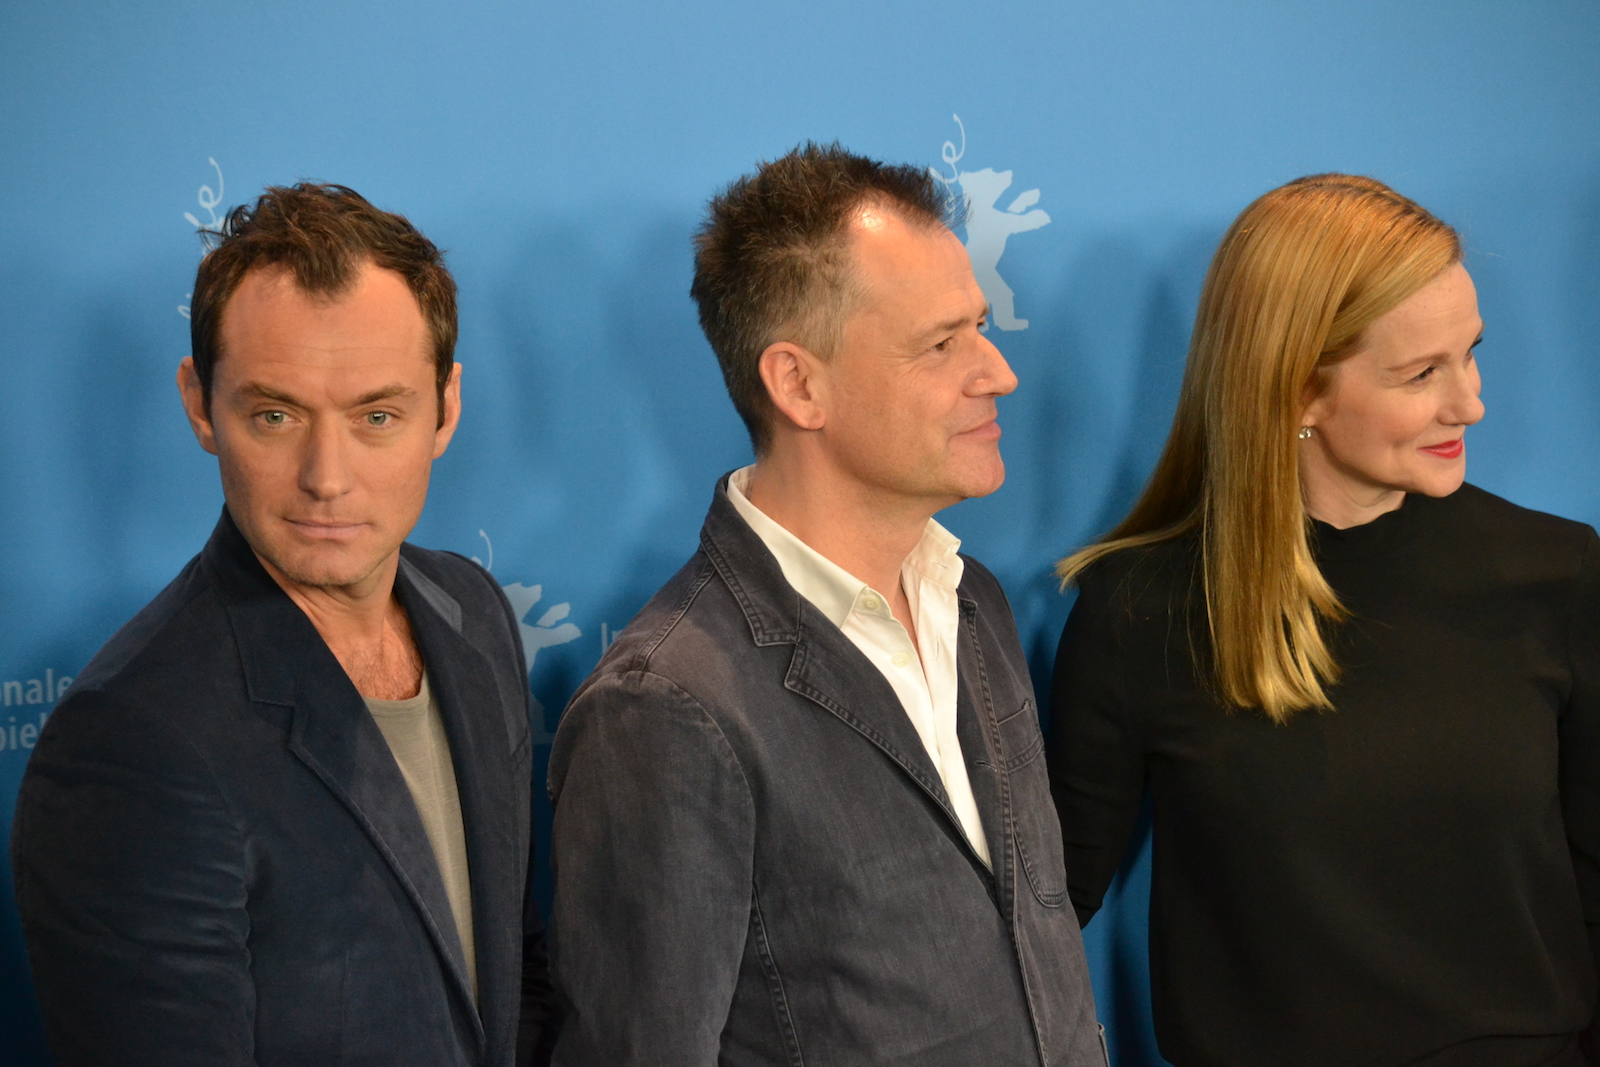 Berlino 2016:  Jude Law, Michael Grandage e Laura Linney al photocall di Genius